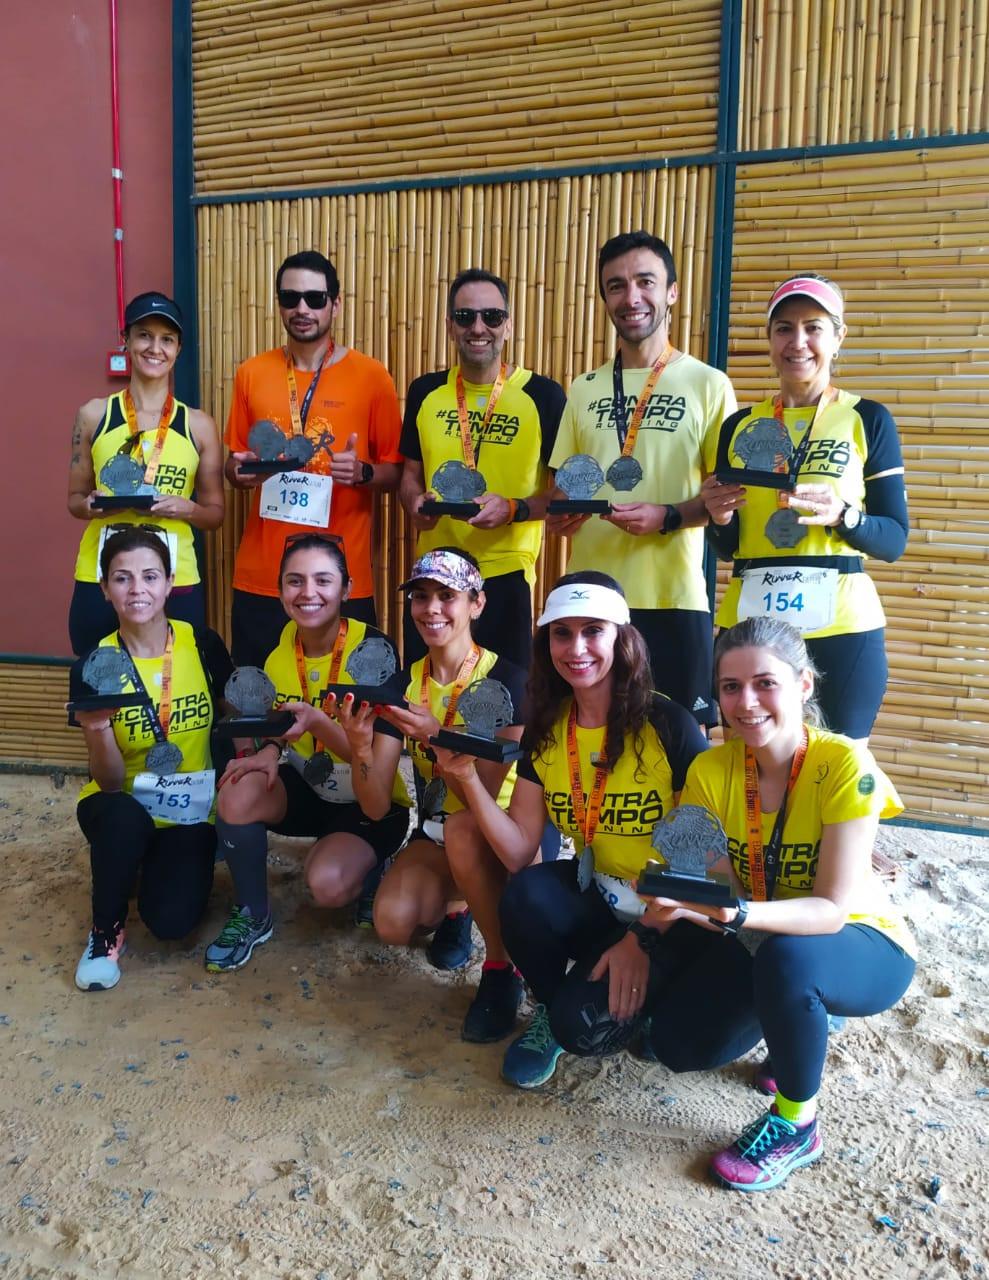 Contra Tempo Running - Eco Runner - C3 Castanheiro - Hipica Centauro